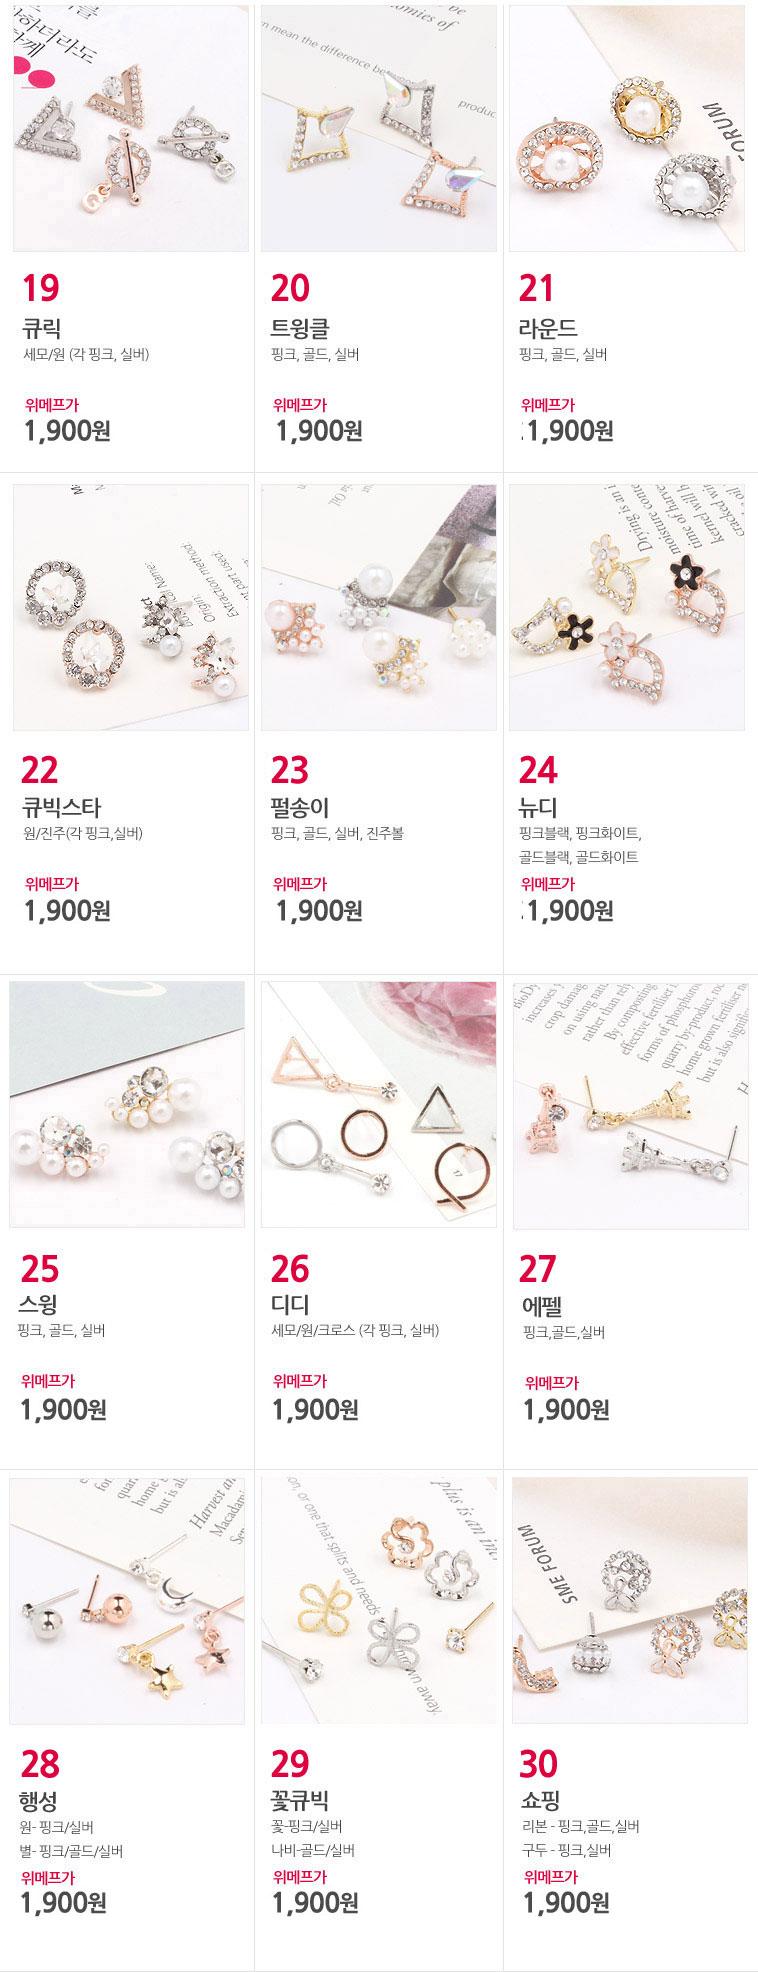 [명예의전당] 롱,핀 패션 귀걸이84종 - 상세정보